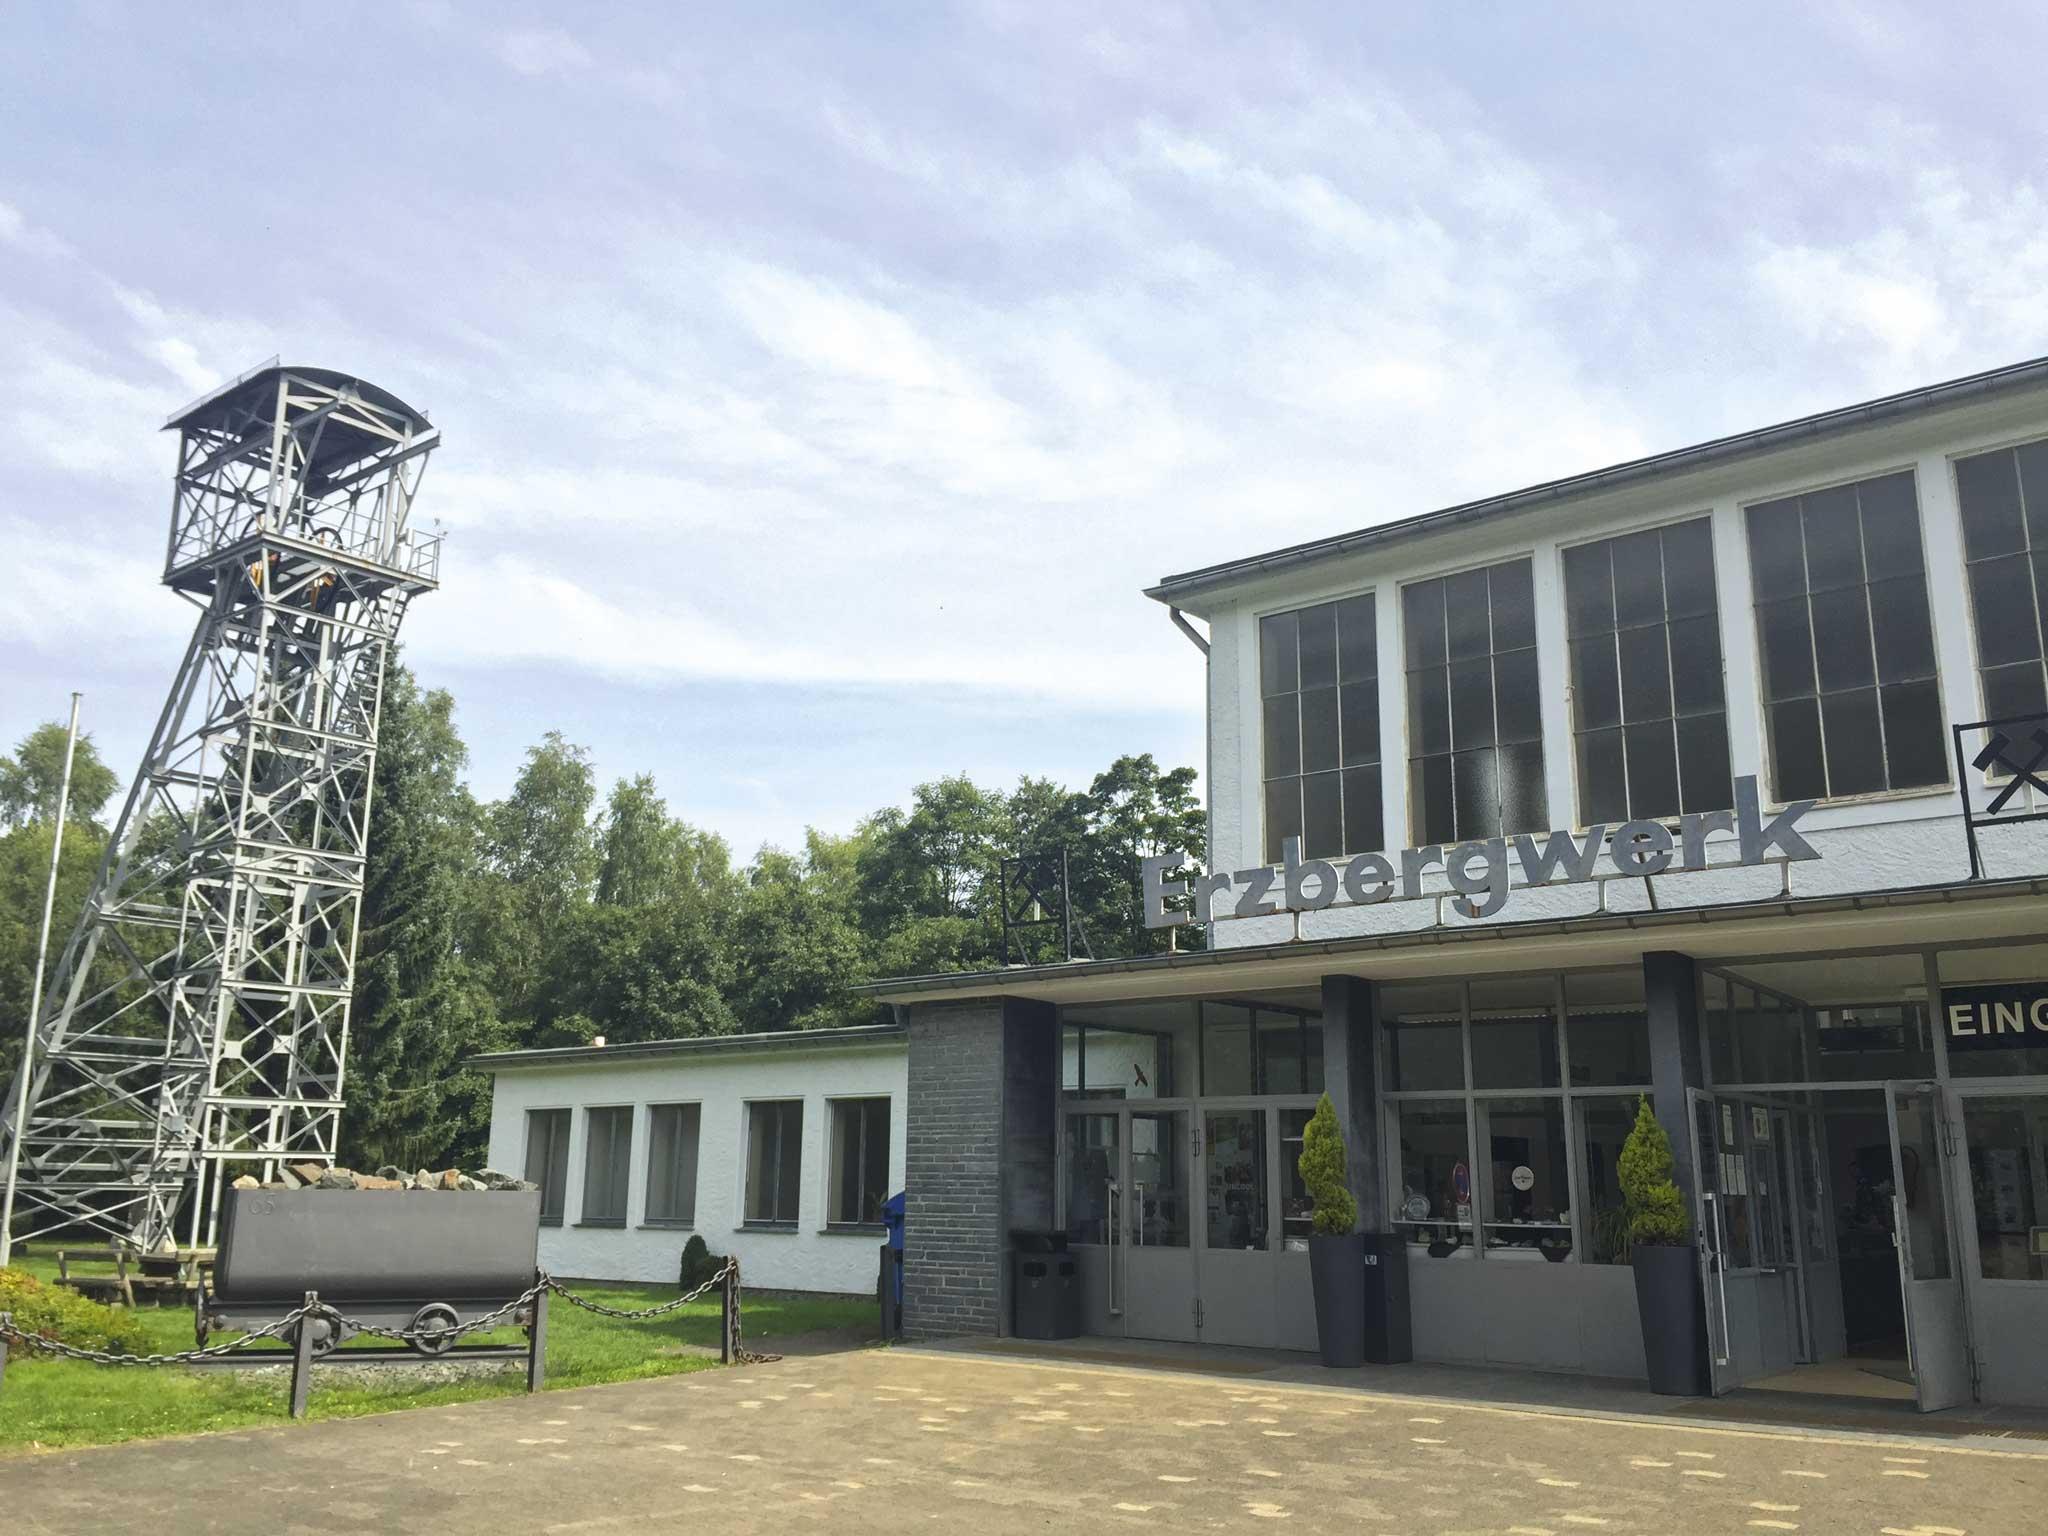 Tagungen in Winterberg: Individuelle Freizeitprogramme - Besuch im Bergwerk Ramsbeck